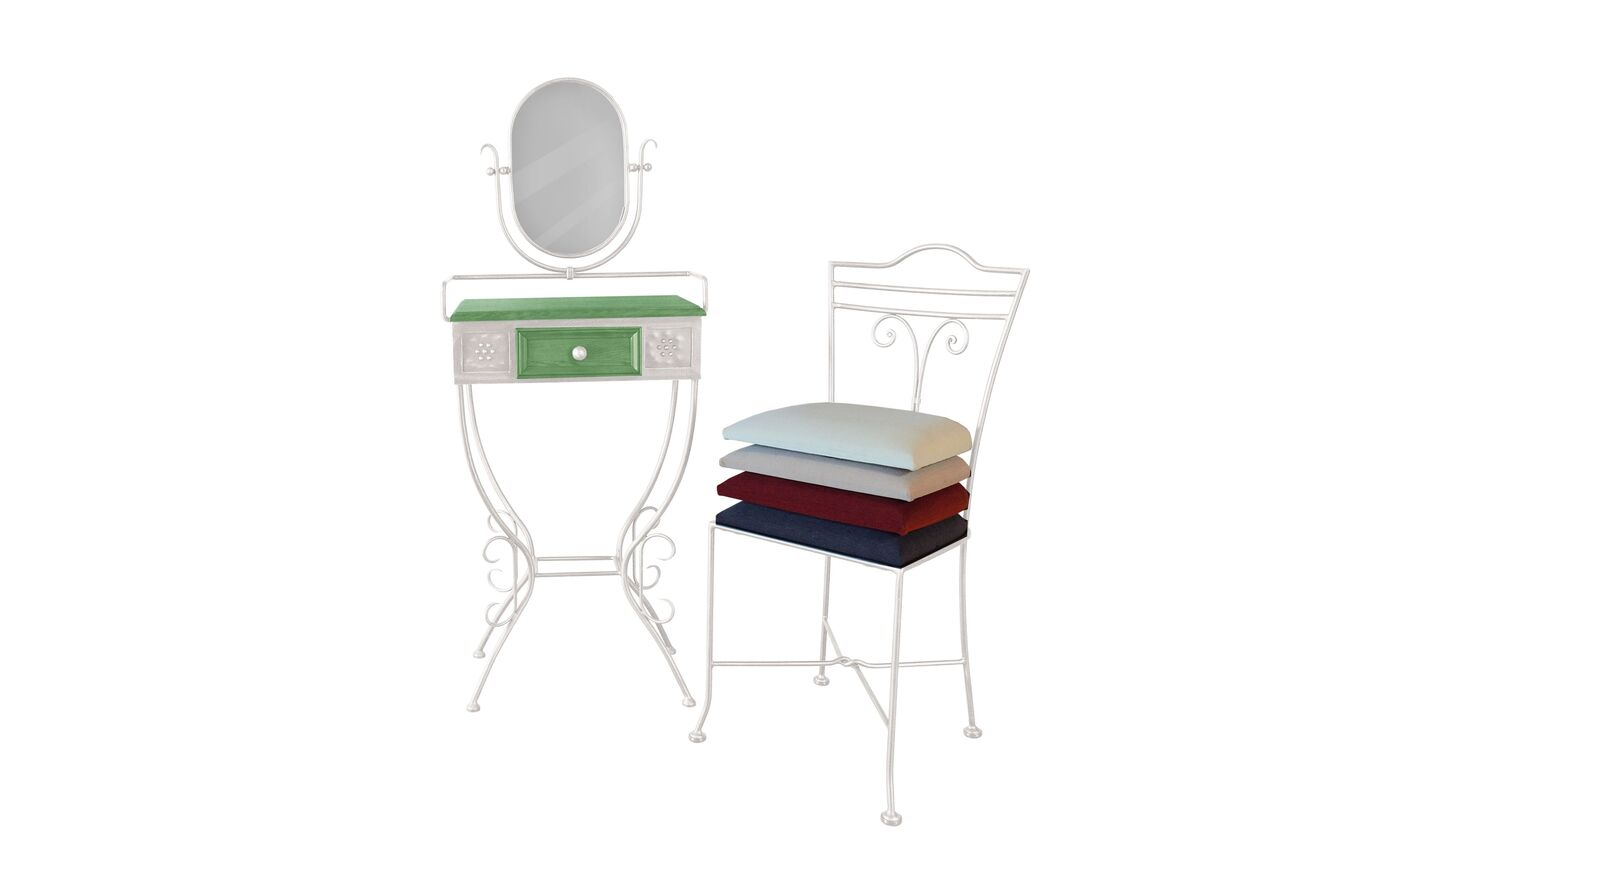 Schminktisch und Stuhl Loria aus weißem Metall und grünem Holz